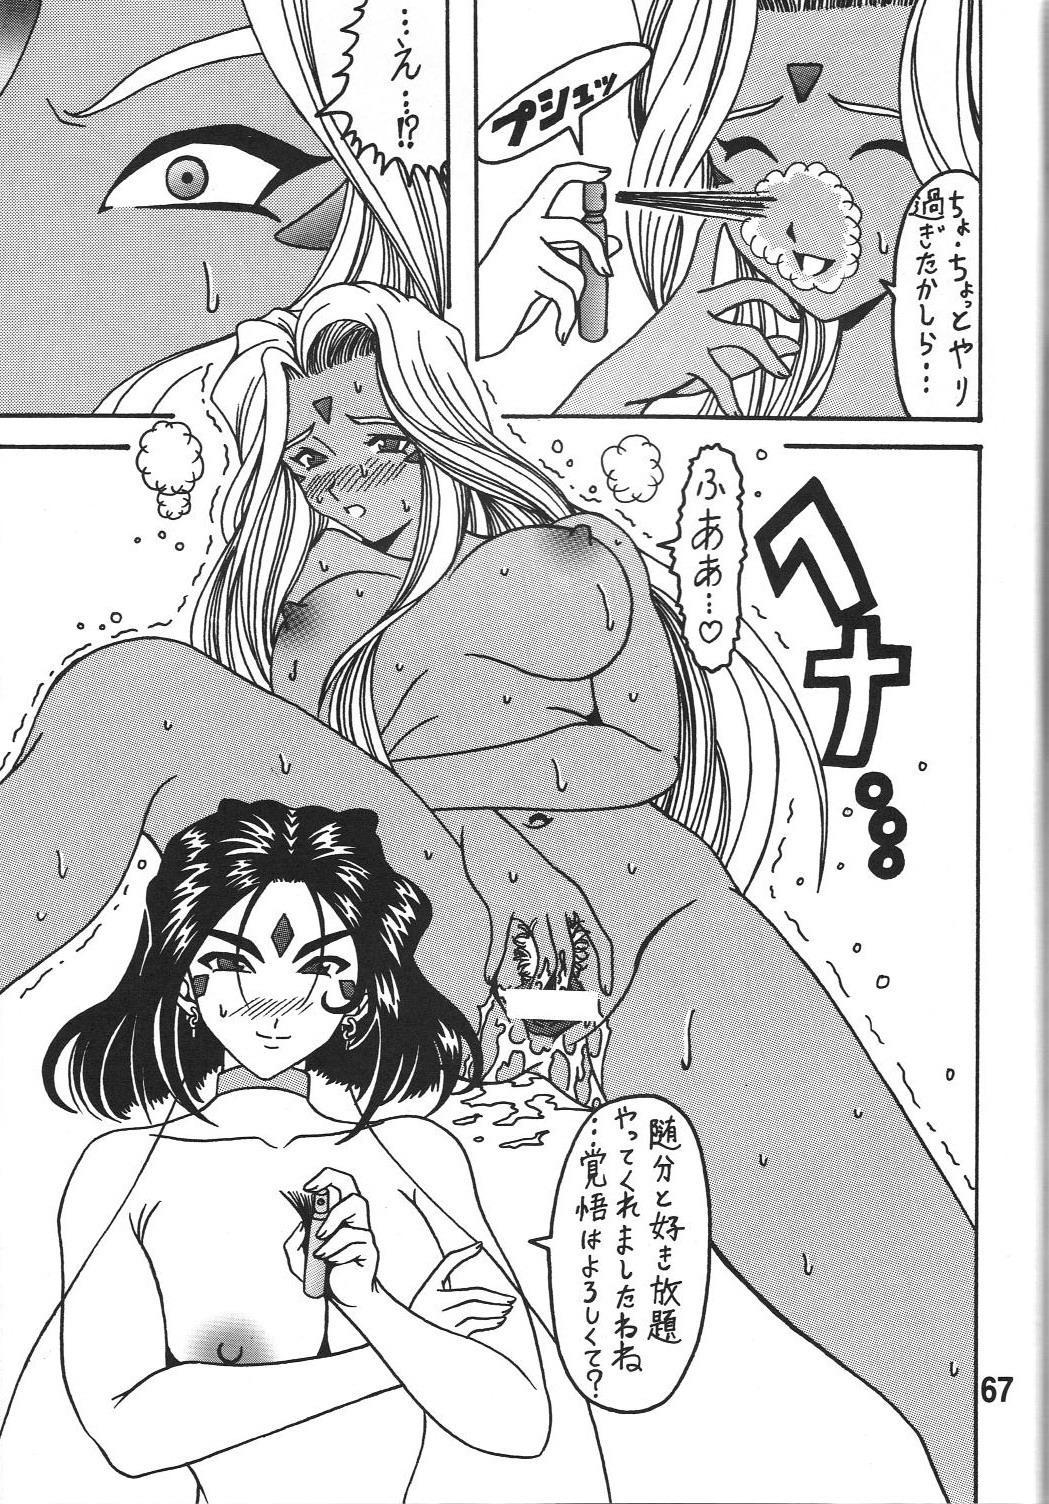 Megami no yuri kago 66